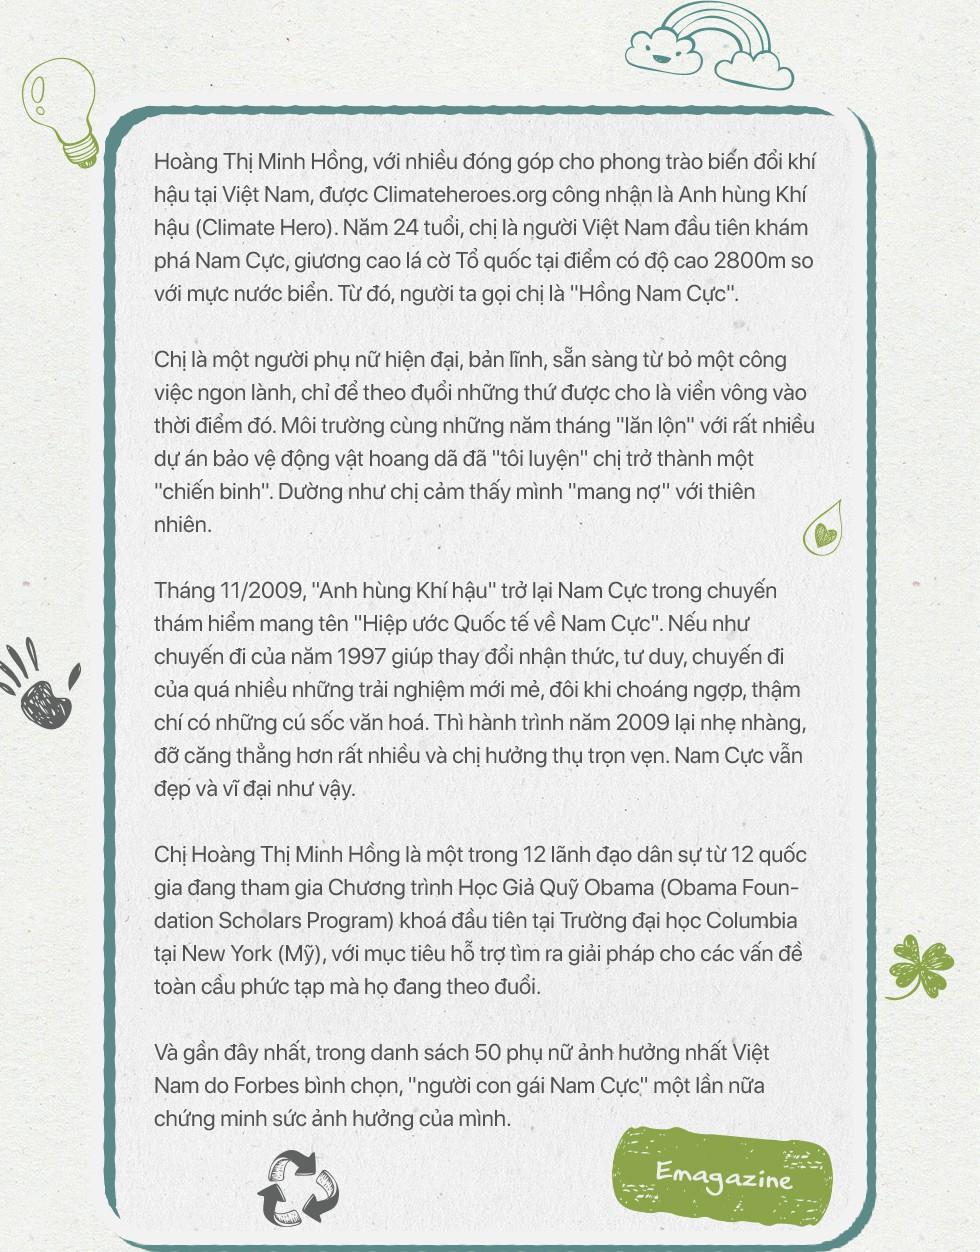 Nữ Anh hùng khí hậu Hoàng Thị Minh Hồng: Cai đồ nhựa cũng khó như bỏ thuốc lá! - Ảnh 1.